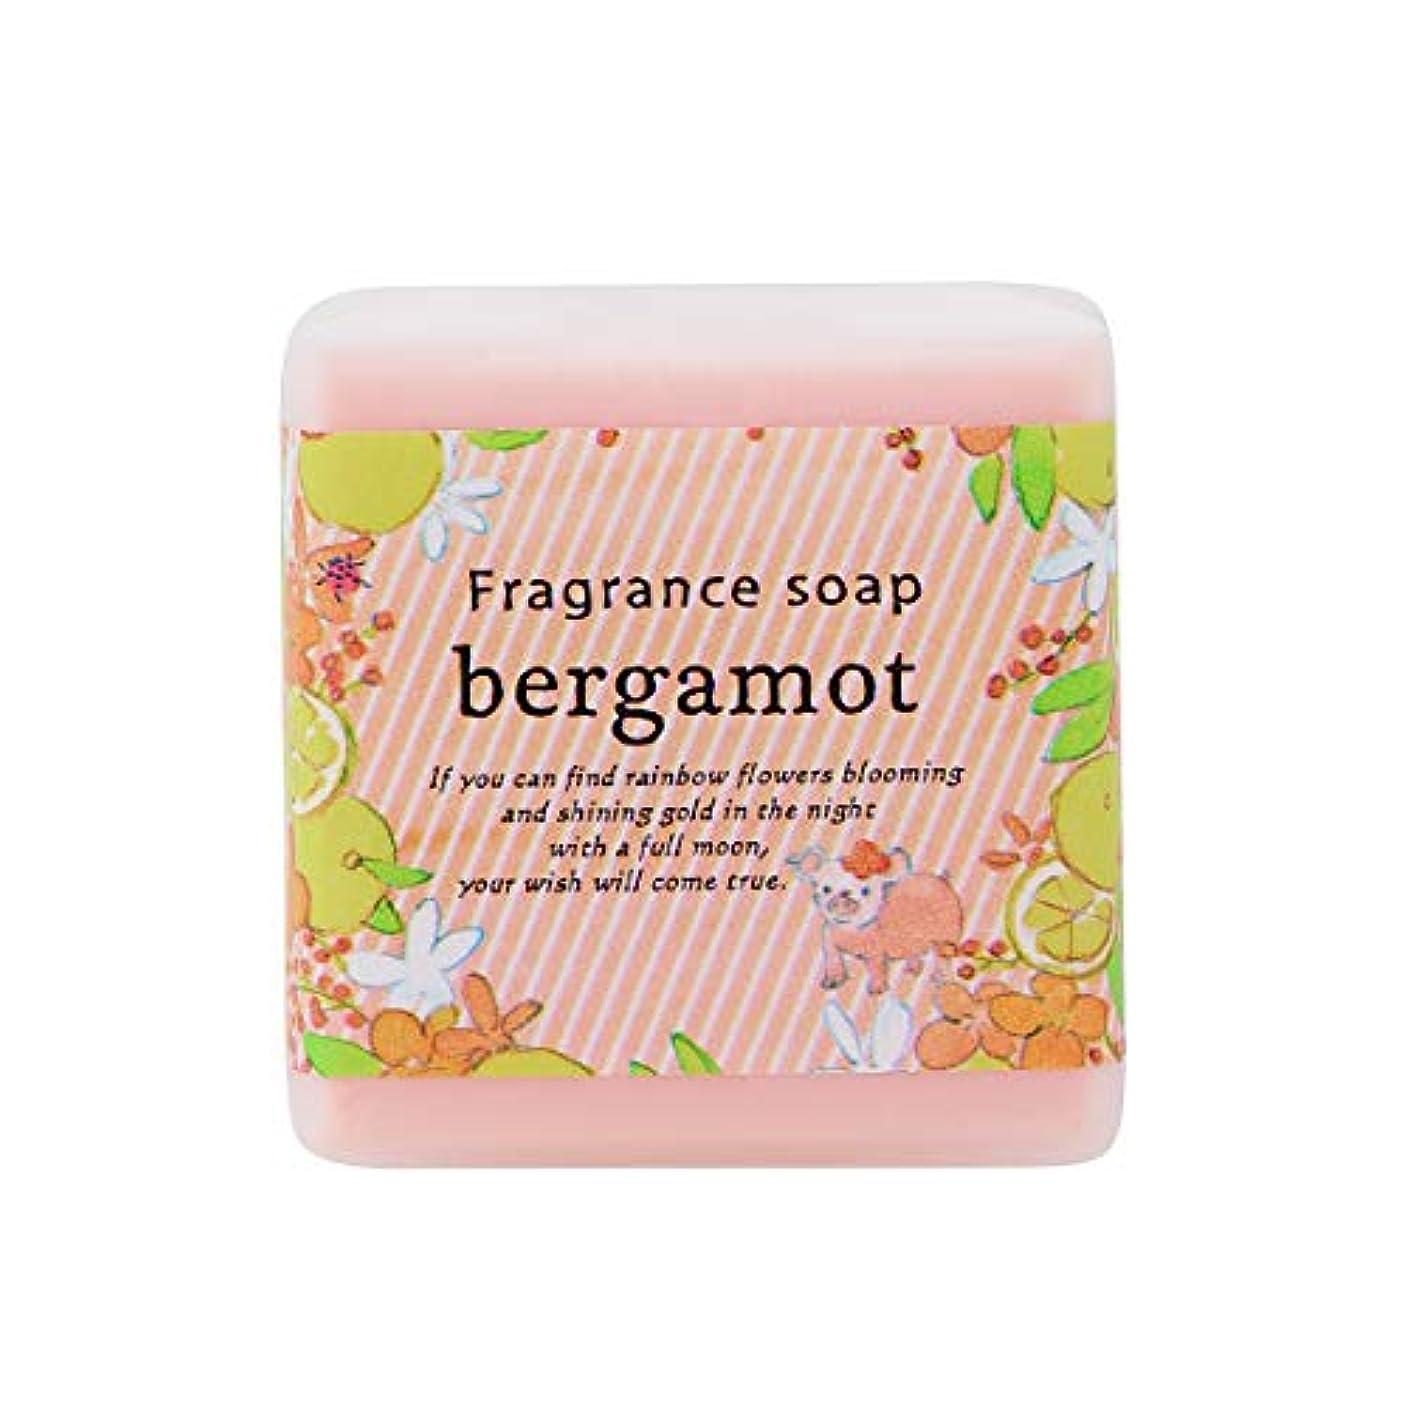 役割三ほとんどの場合サンハーブ フレグランスソープ40g ベルガモット 12個(プチ石けん ゲストソープ 懐かしい甘酸っぱい香り)